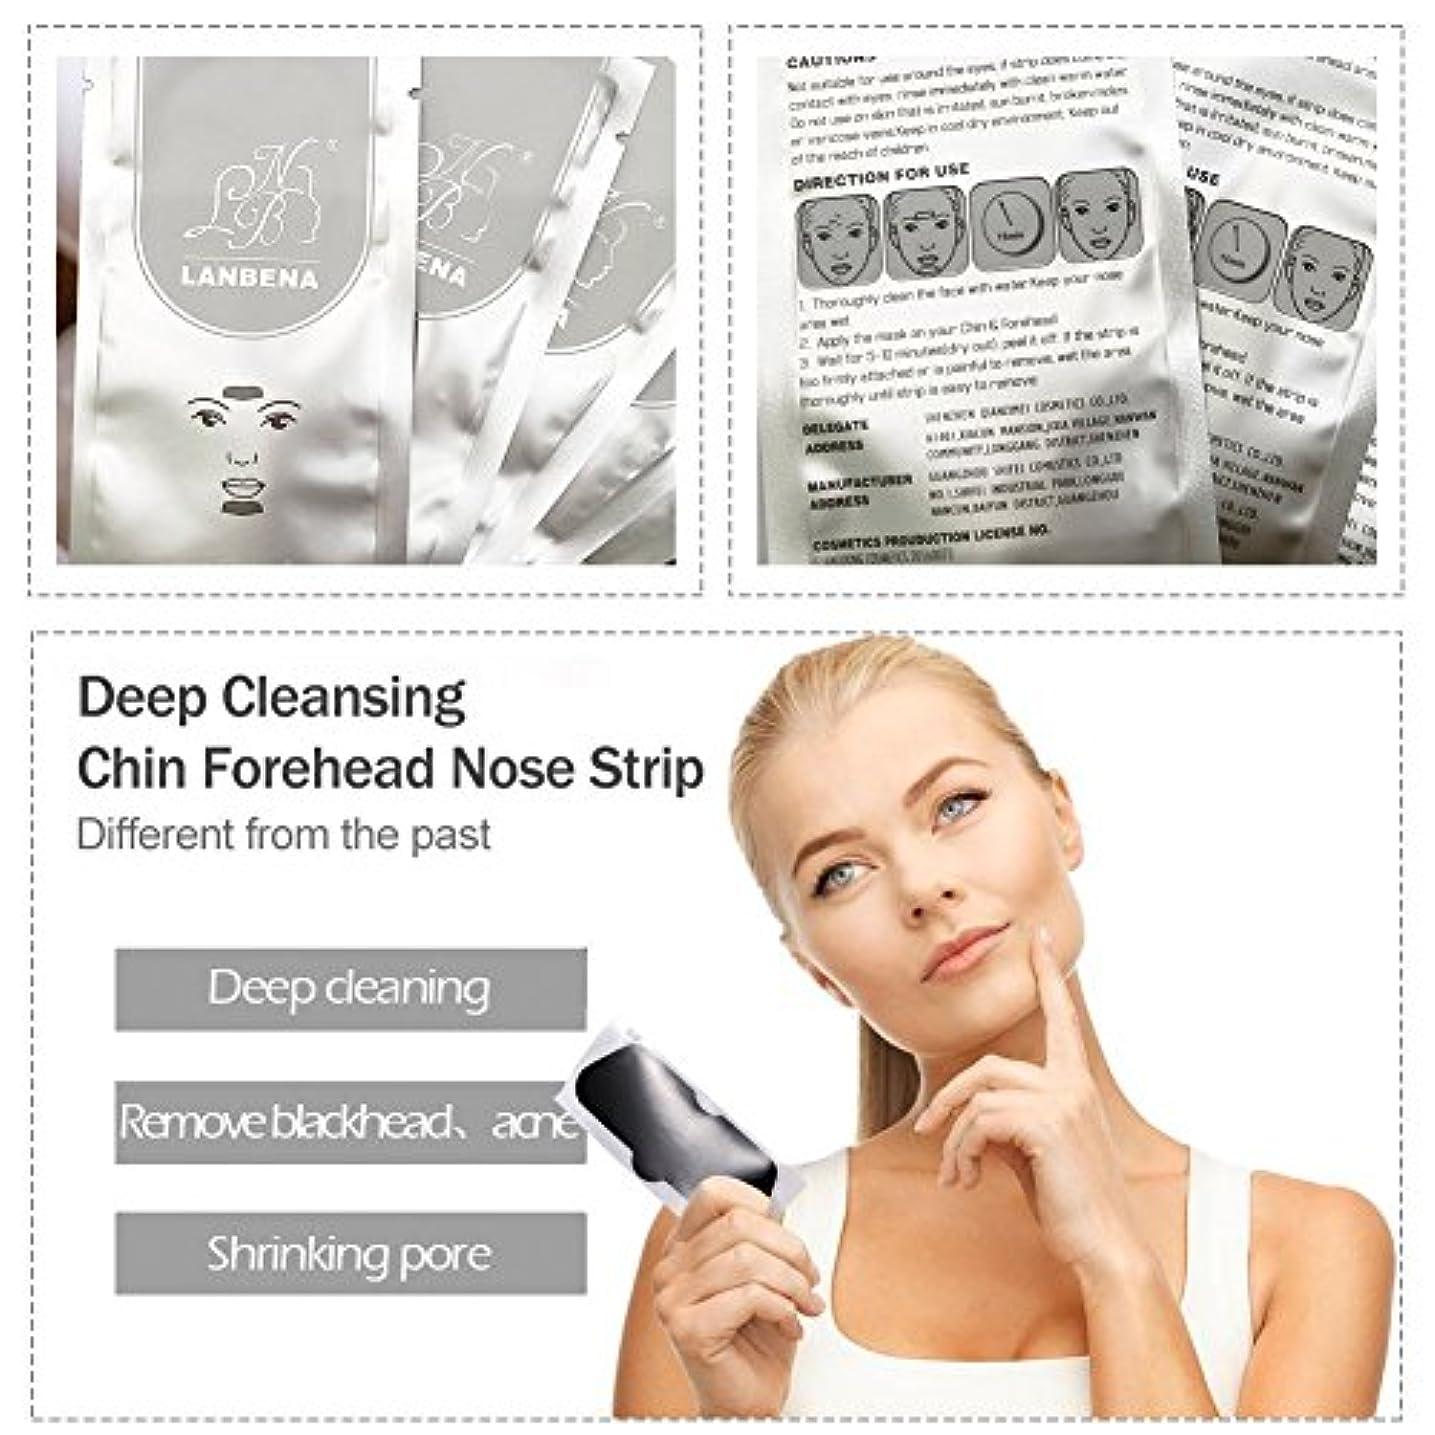 恵み準備したオフセット鼻ピーリングマスク10個鼻マスクピーリングディープクレンジング削除にきび浄化黒毛+ 10ピース顎額ストリップ